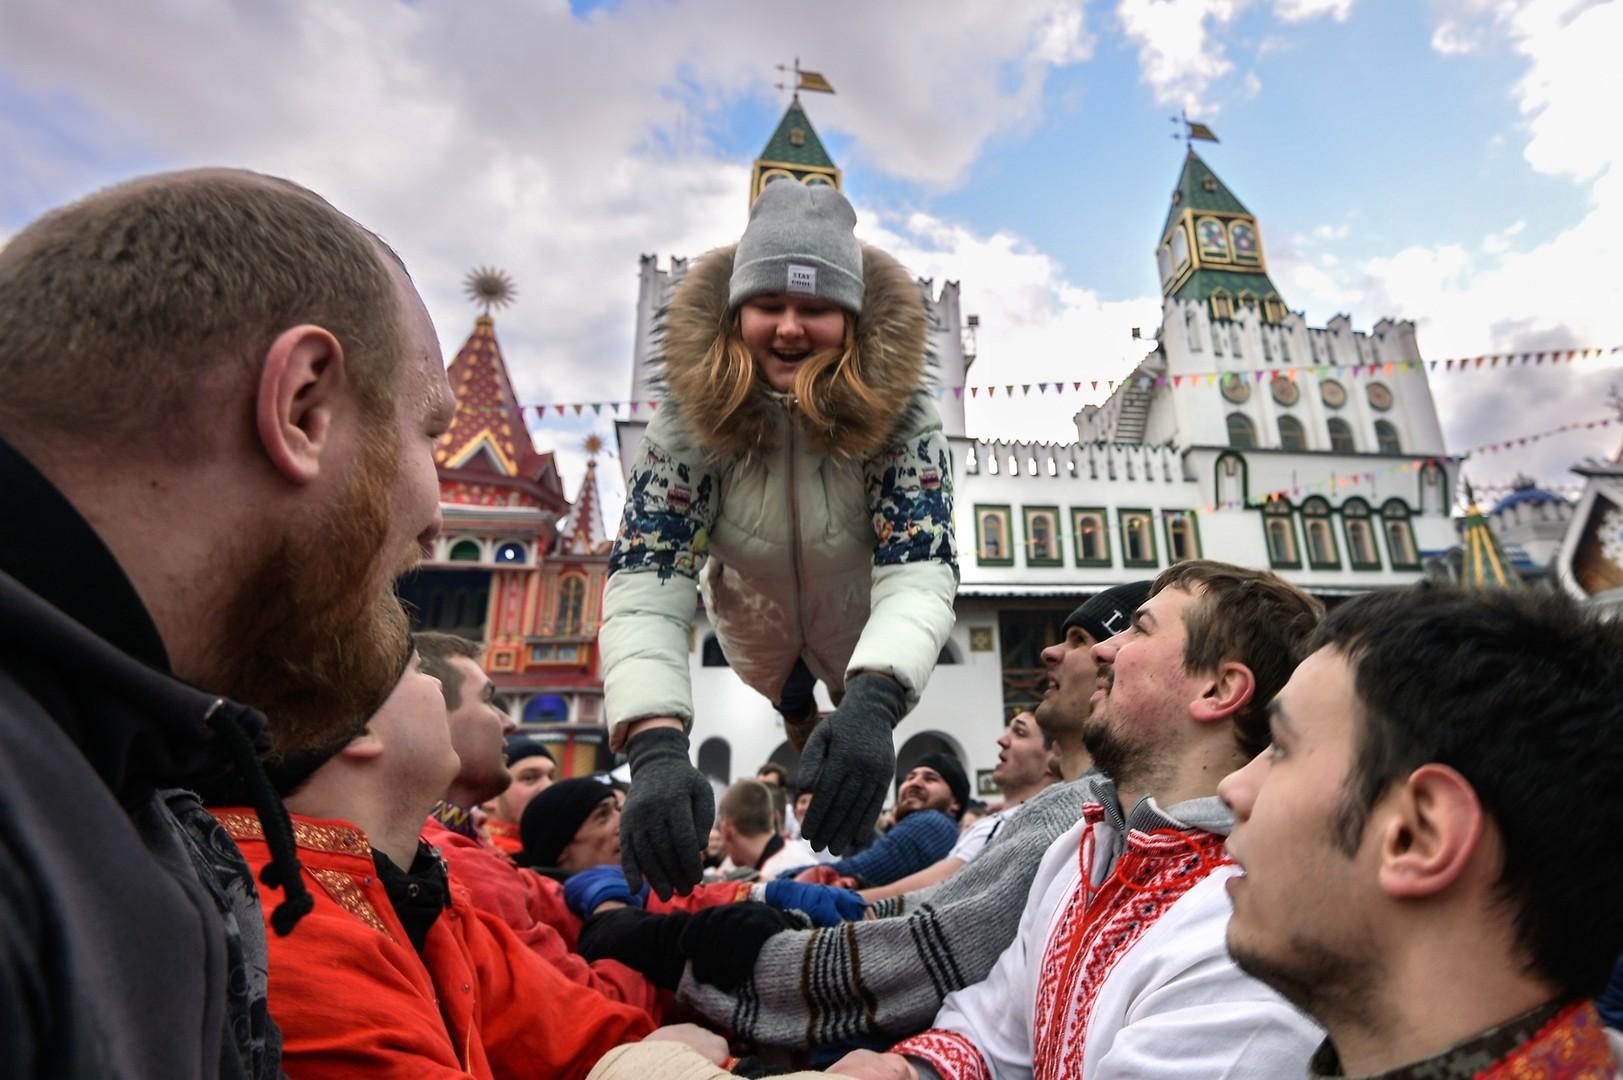 Sechs russische Angewohnheiten, die bei Ausländern Kopfschütteln auslösen